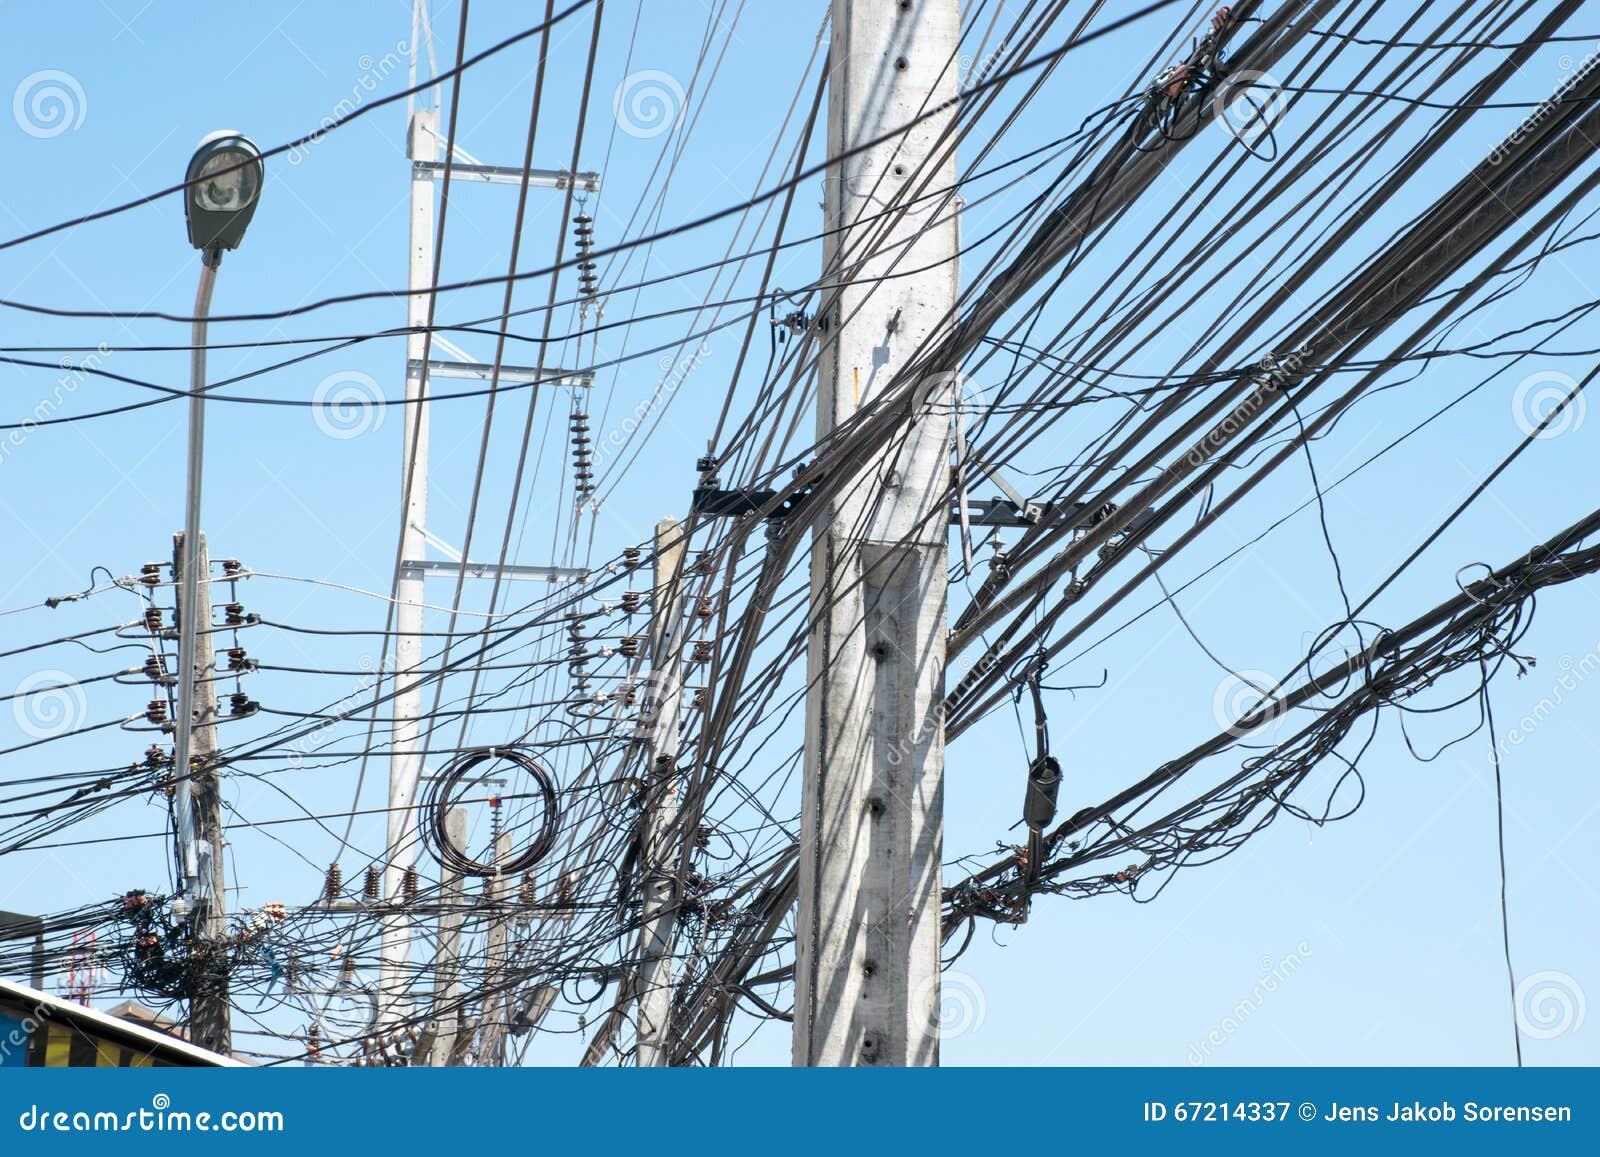 Chaotische Elektrische Verdrahtung In Thailand Stockbild - Bild von ...